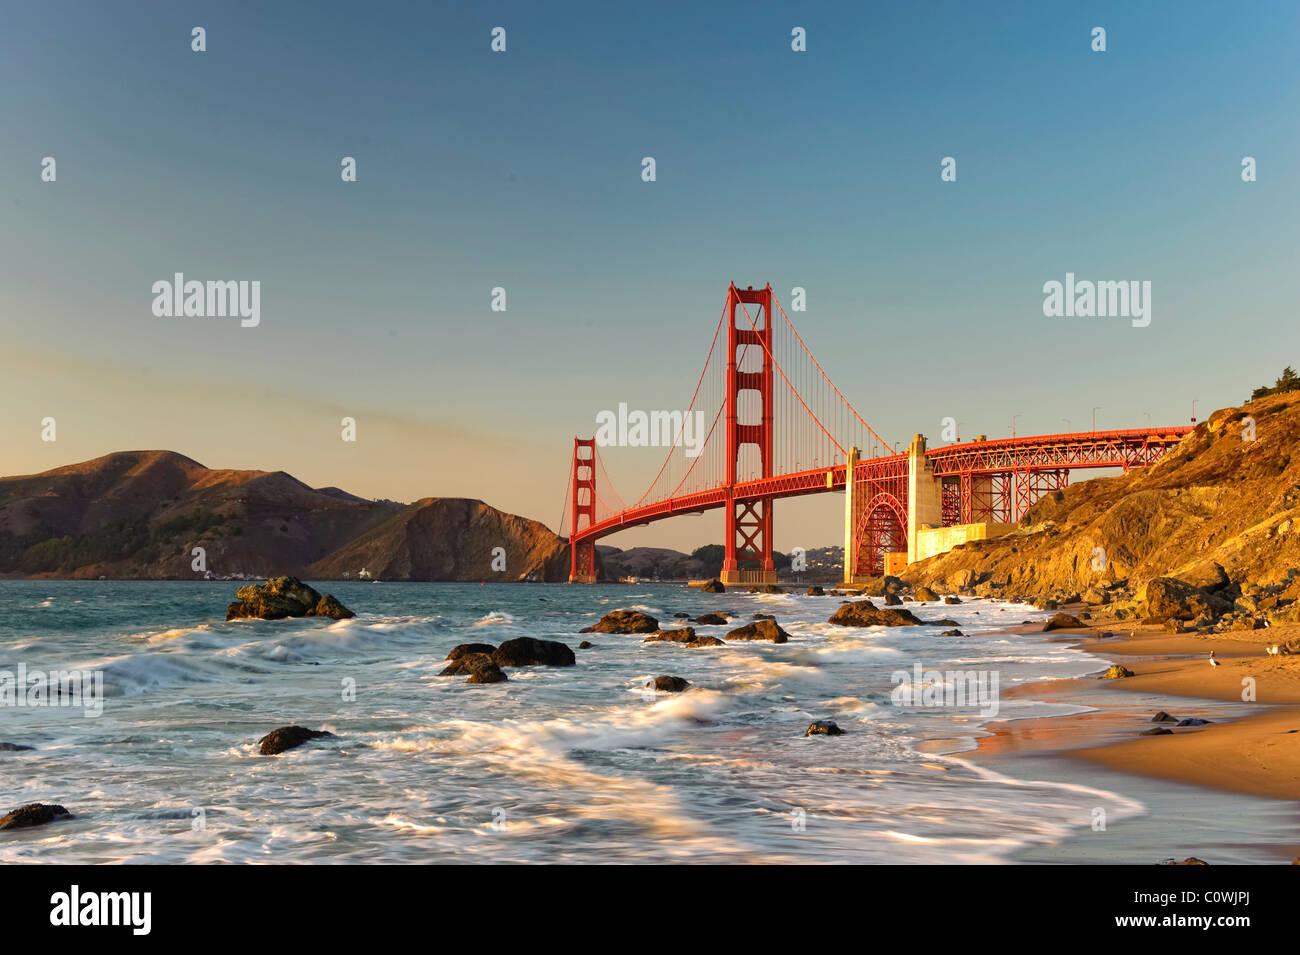 Stati Uniti, California, San Francisco, Baker's Beach e il Golden Gate Bridge Immagini Stock